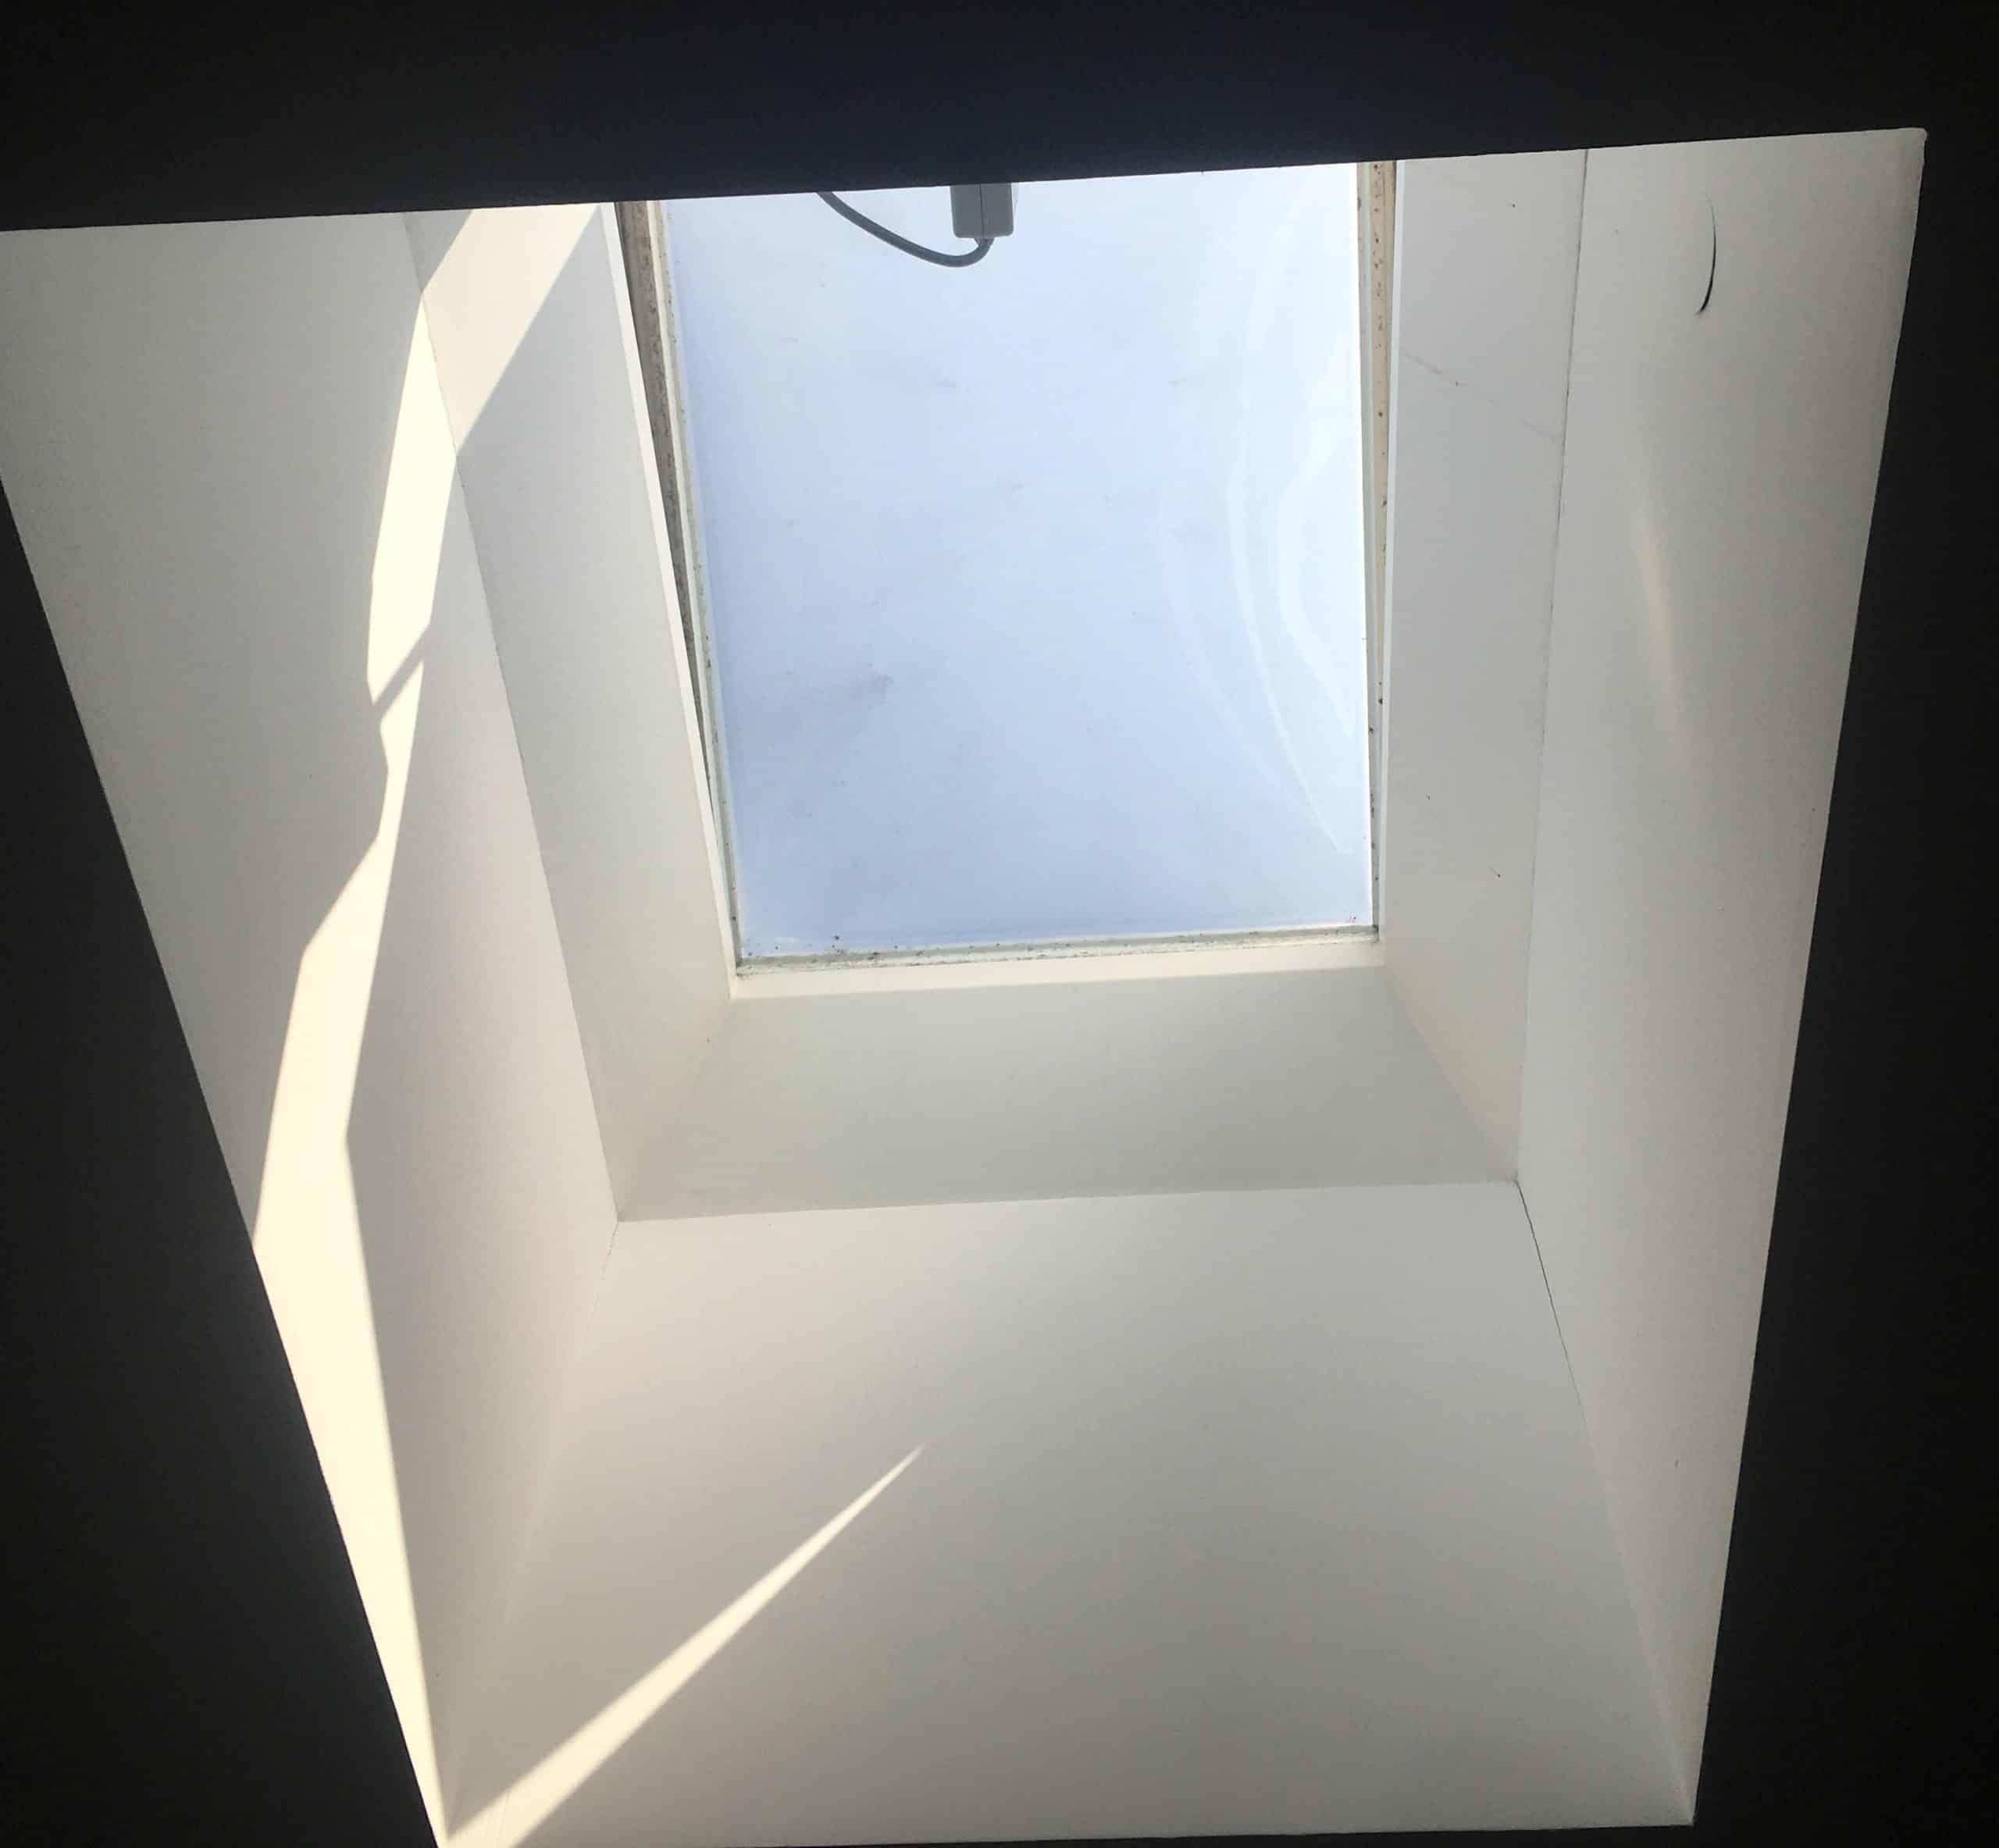 Dachflächenfenster für Flachdach mit Motor zum Öffnen